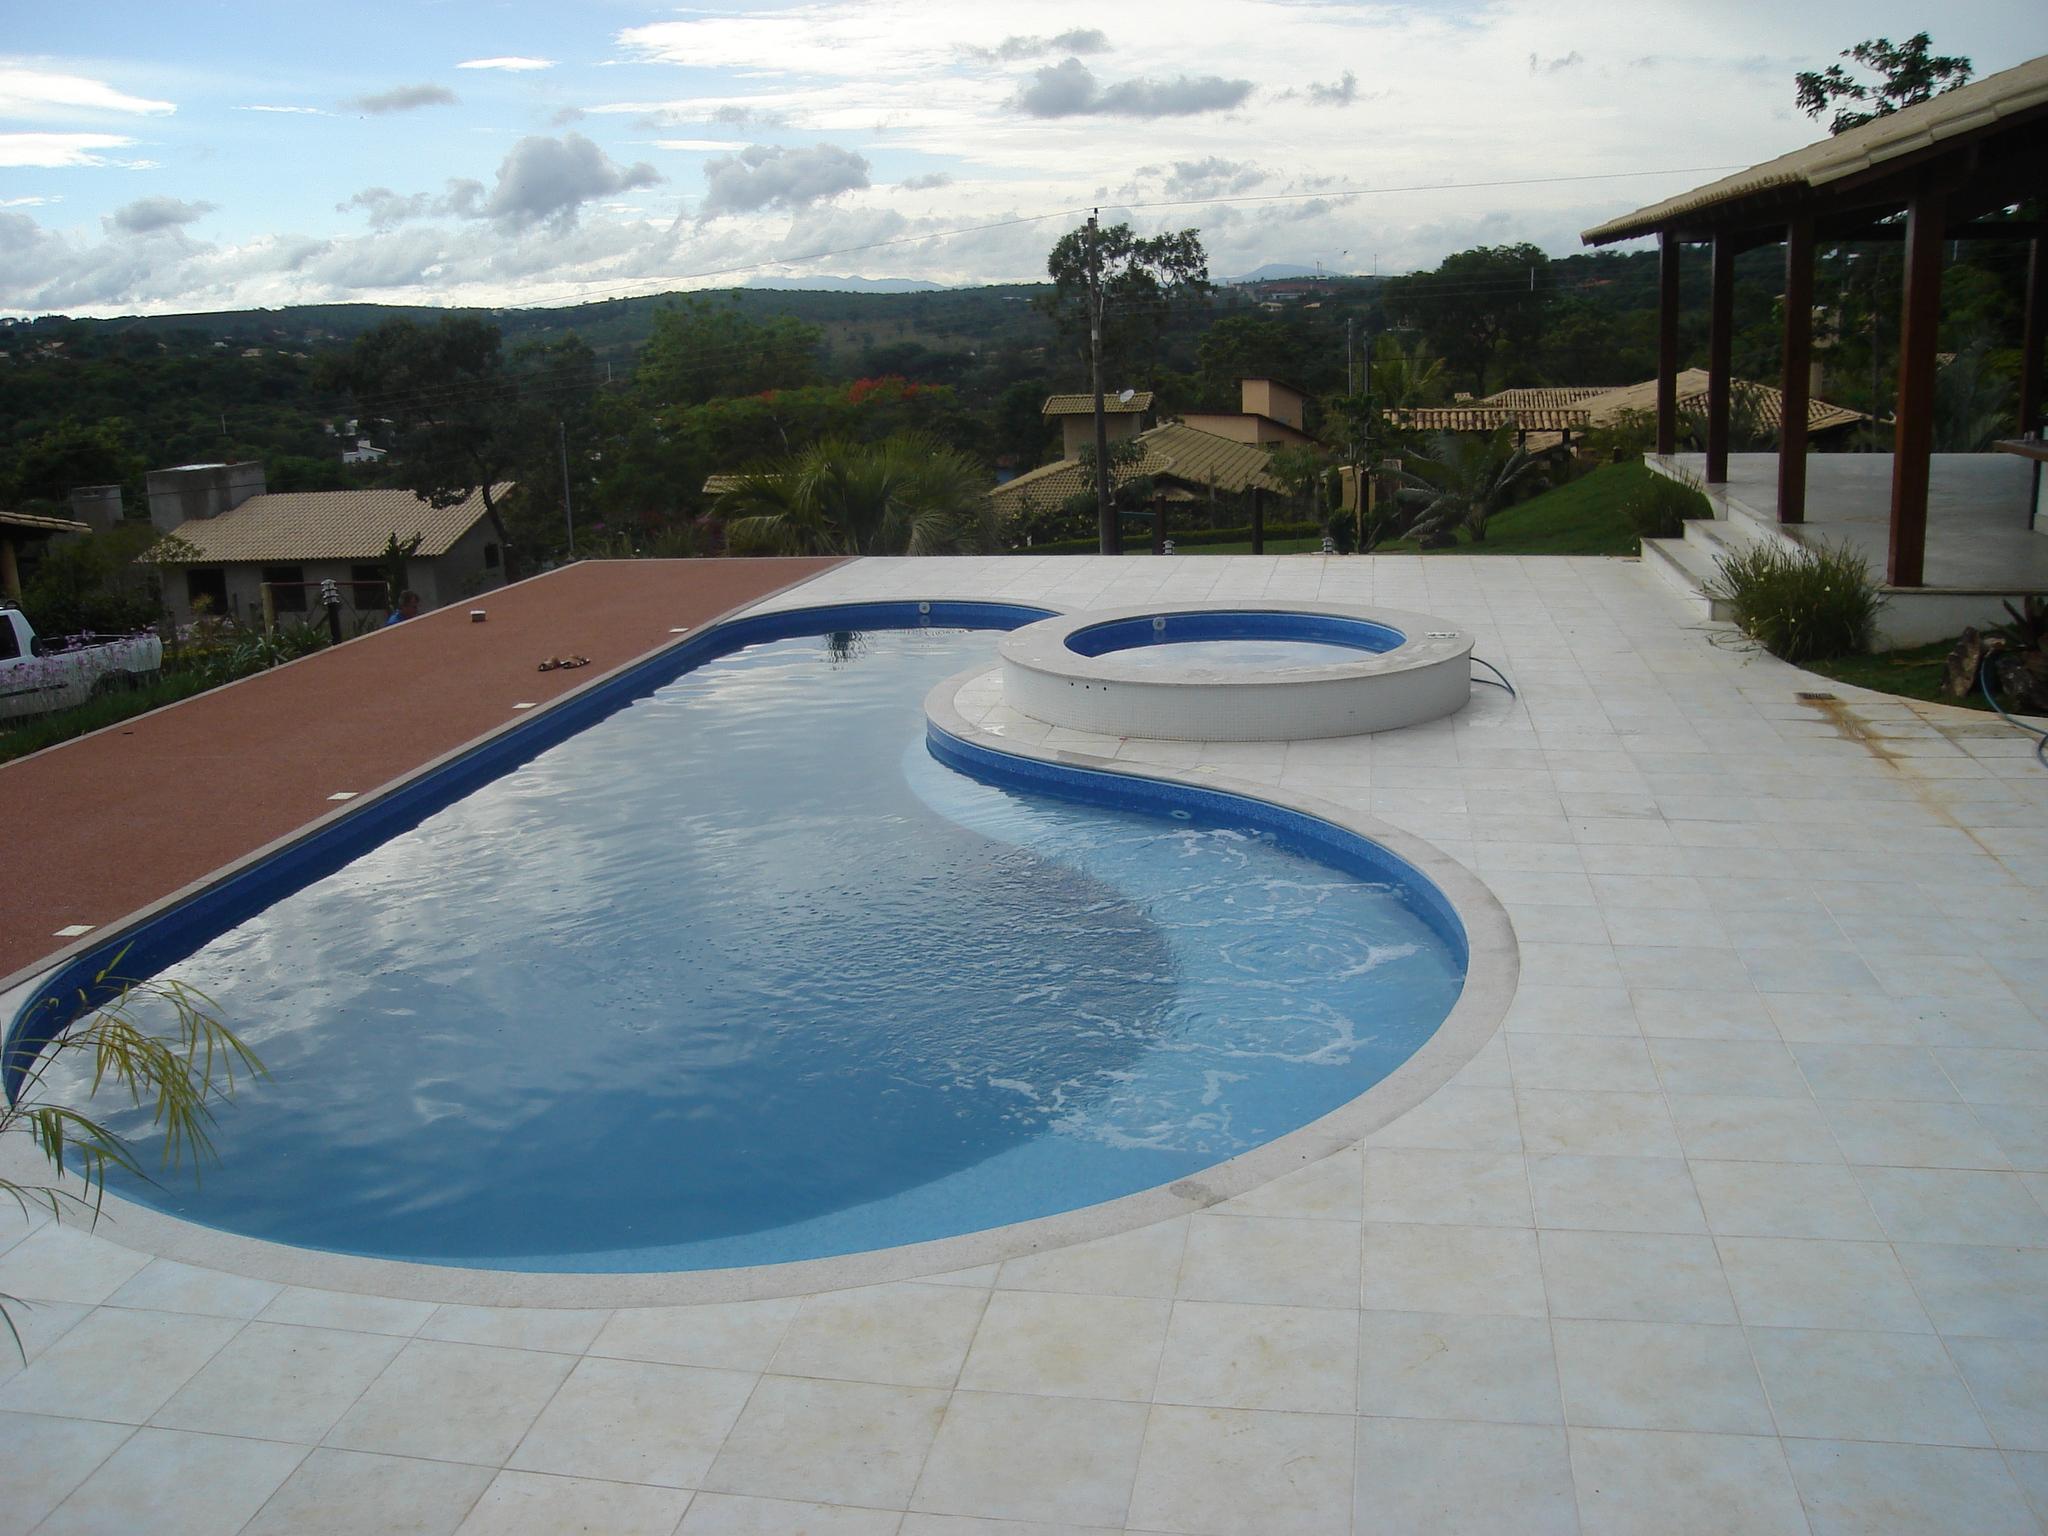 Piscina de vinil bh piscinas personalizadas loja em bh mg for Piscina de vinil e boa